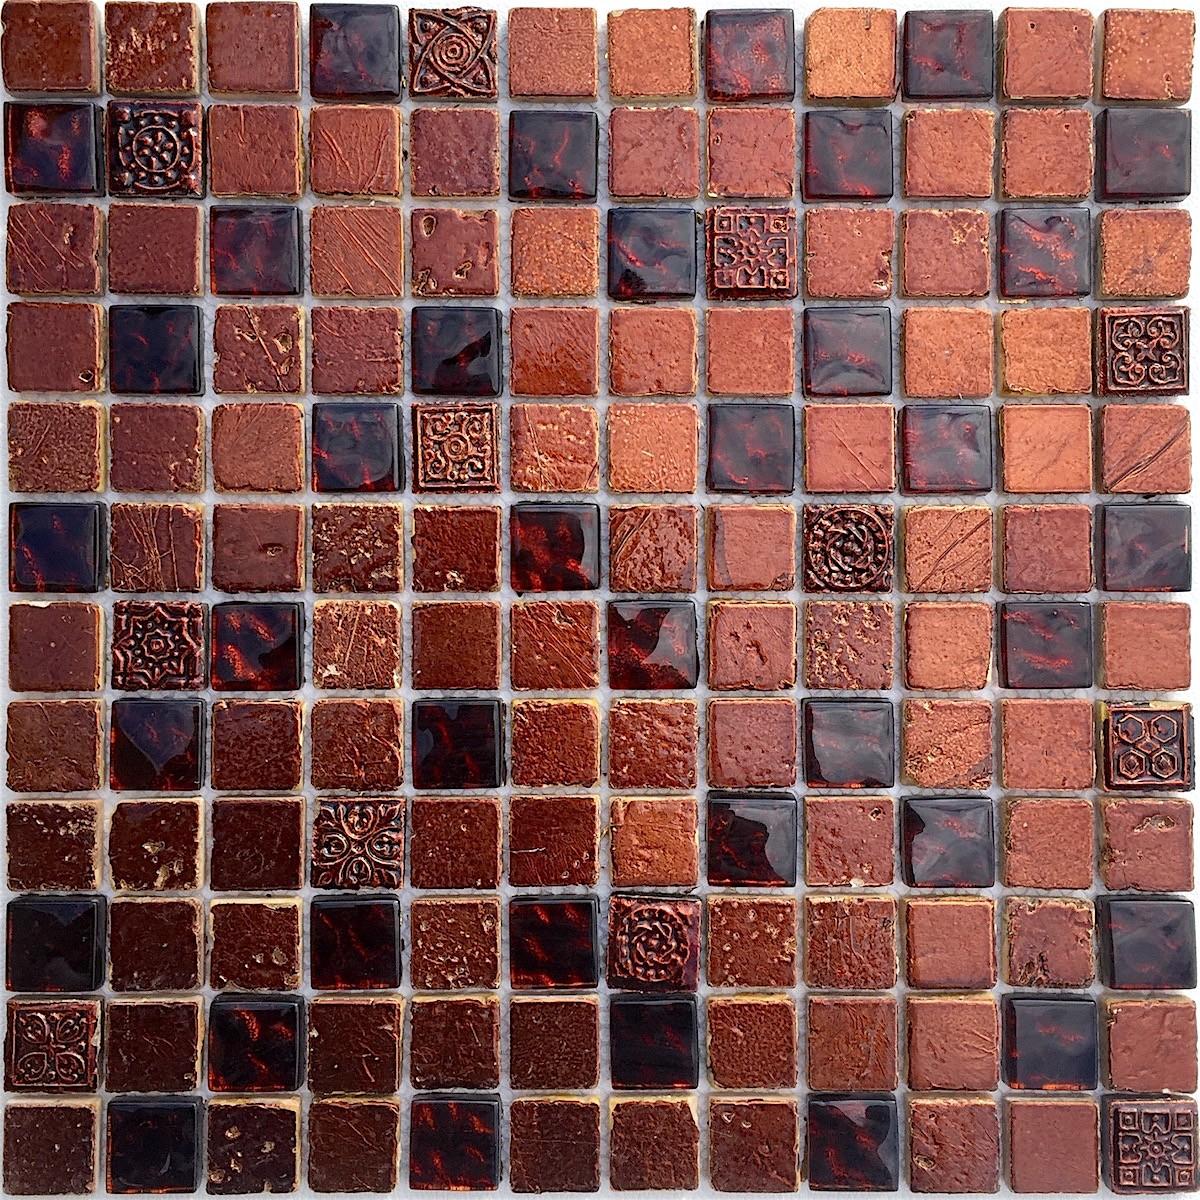 mosaique de salle de bain et douche metallic-marron - carrelage-mosaique